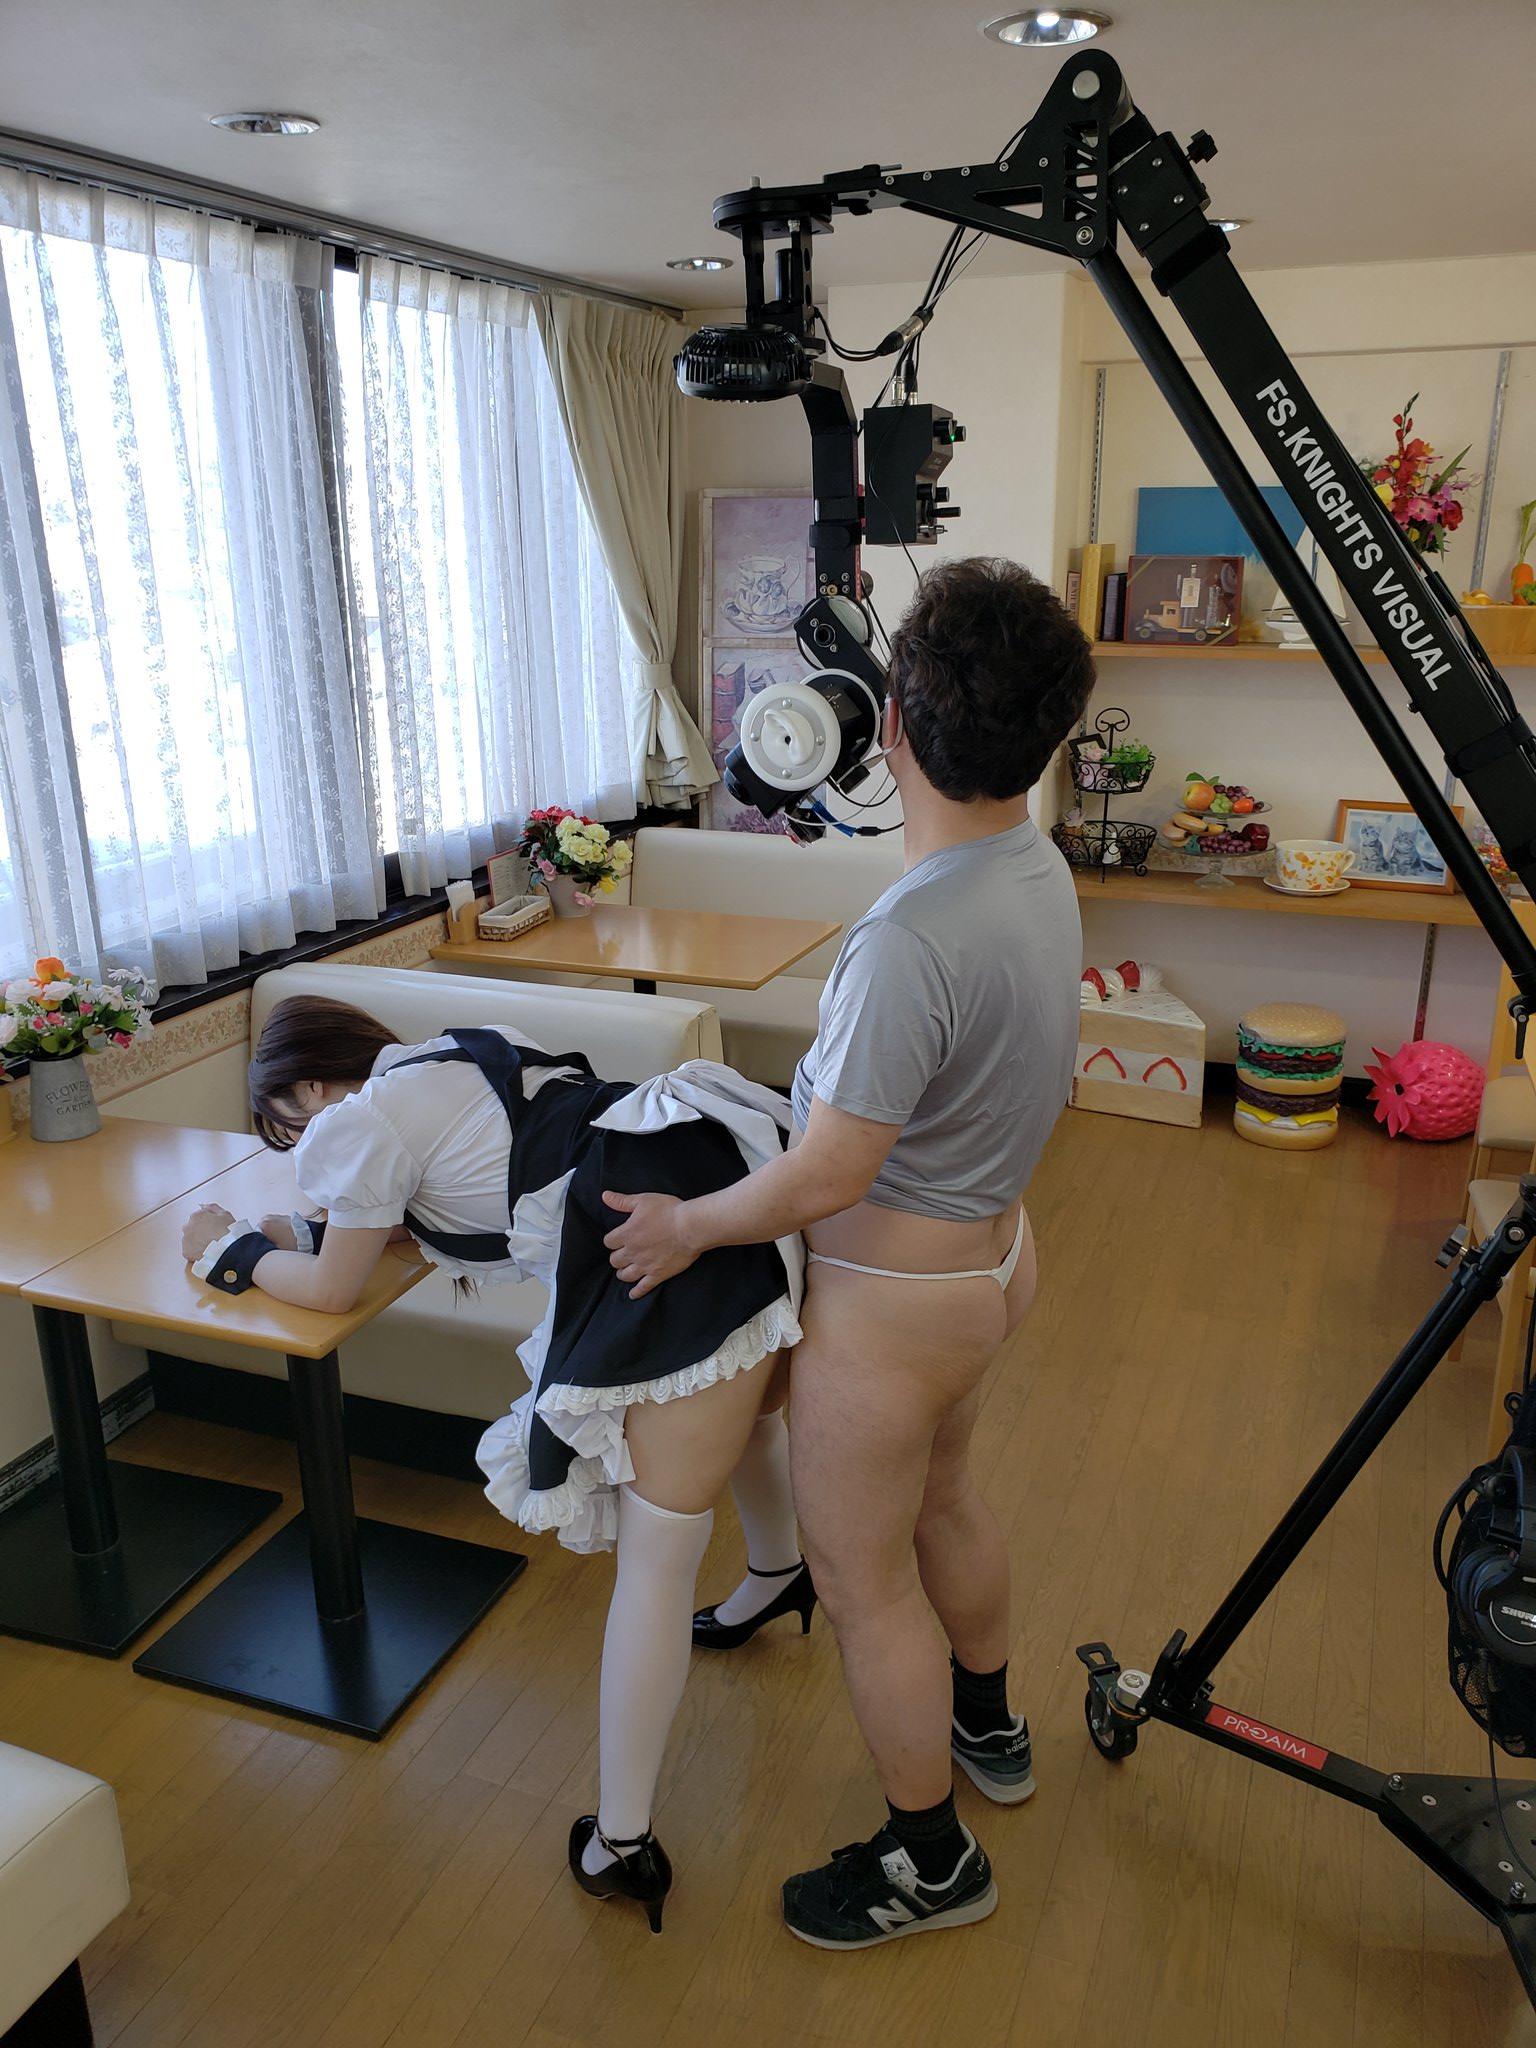 【ボッキ注意】VRのAV撮影現場の闇深すぎwwwwwwwwwwww(画像あり)・4枚目